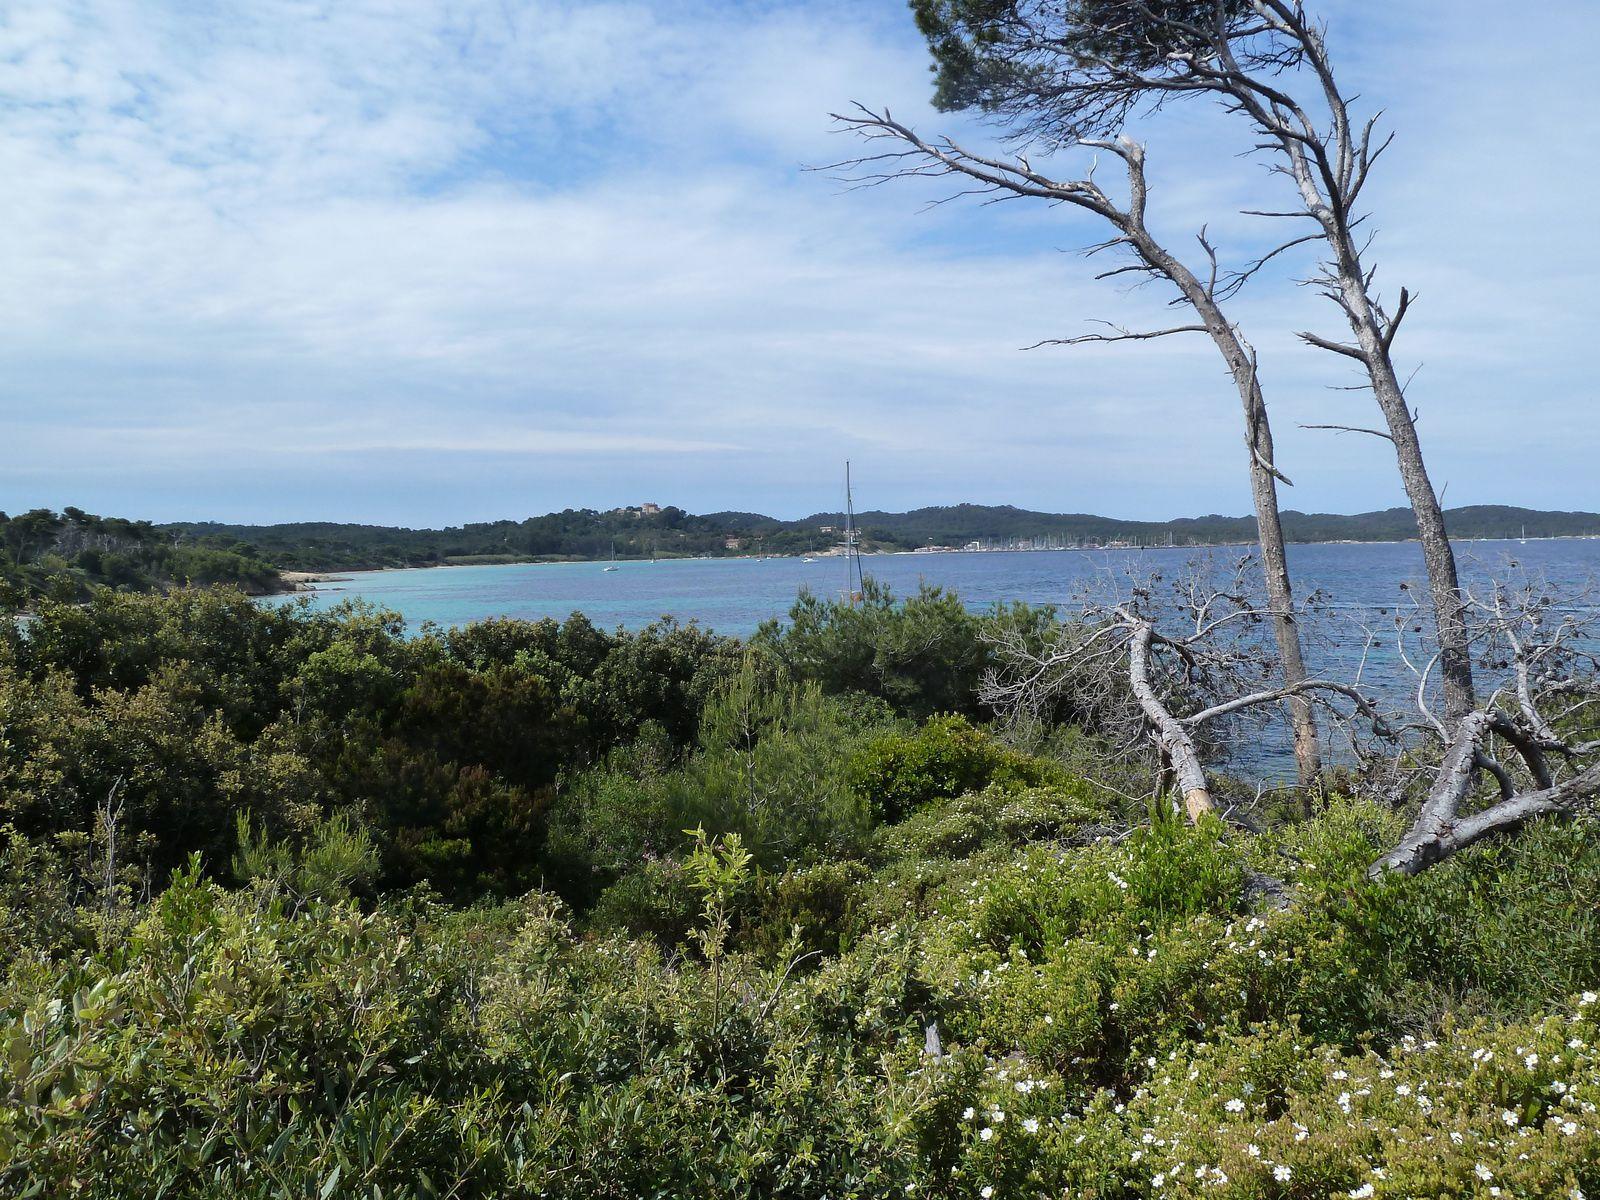 La plage du Lequin d'où on aperçoit, en arrière plan, la plage d'Argent et la Pointe du Bon Renaud.